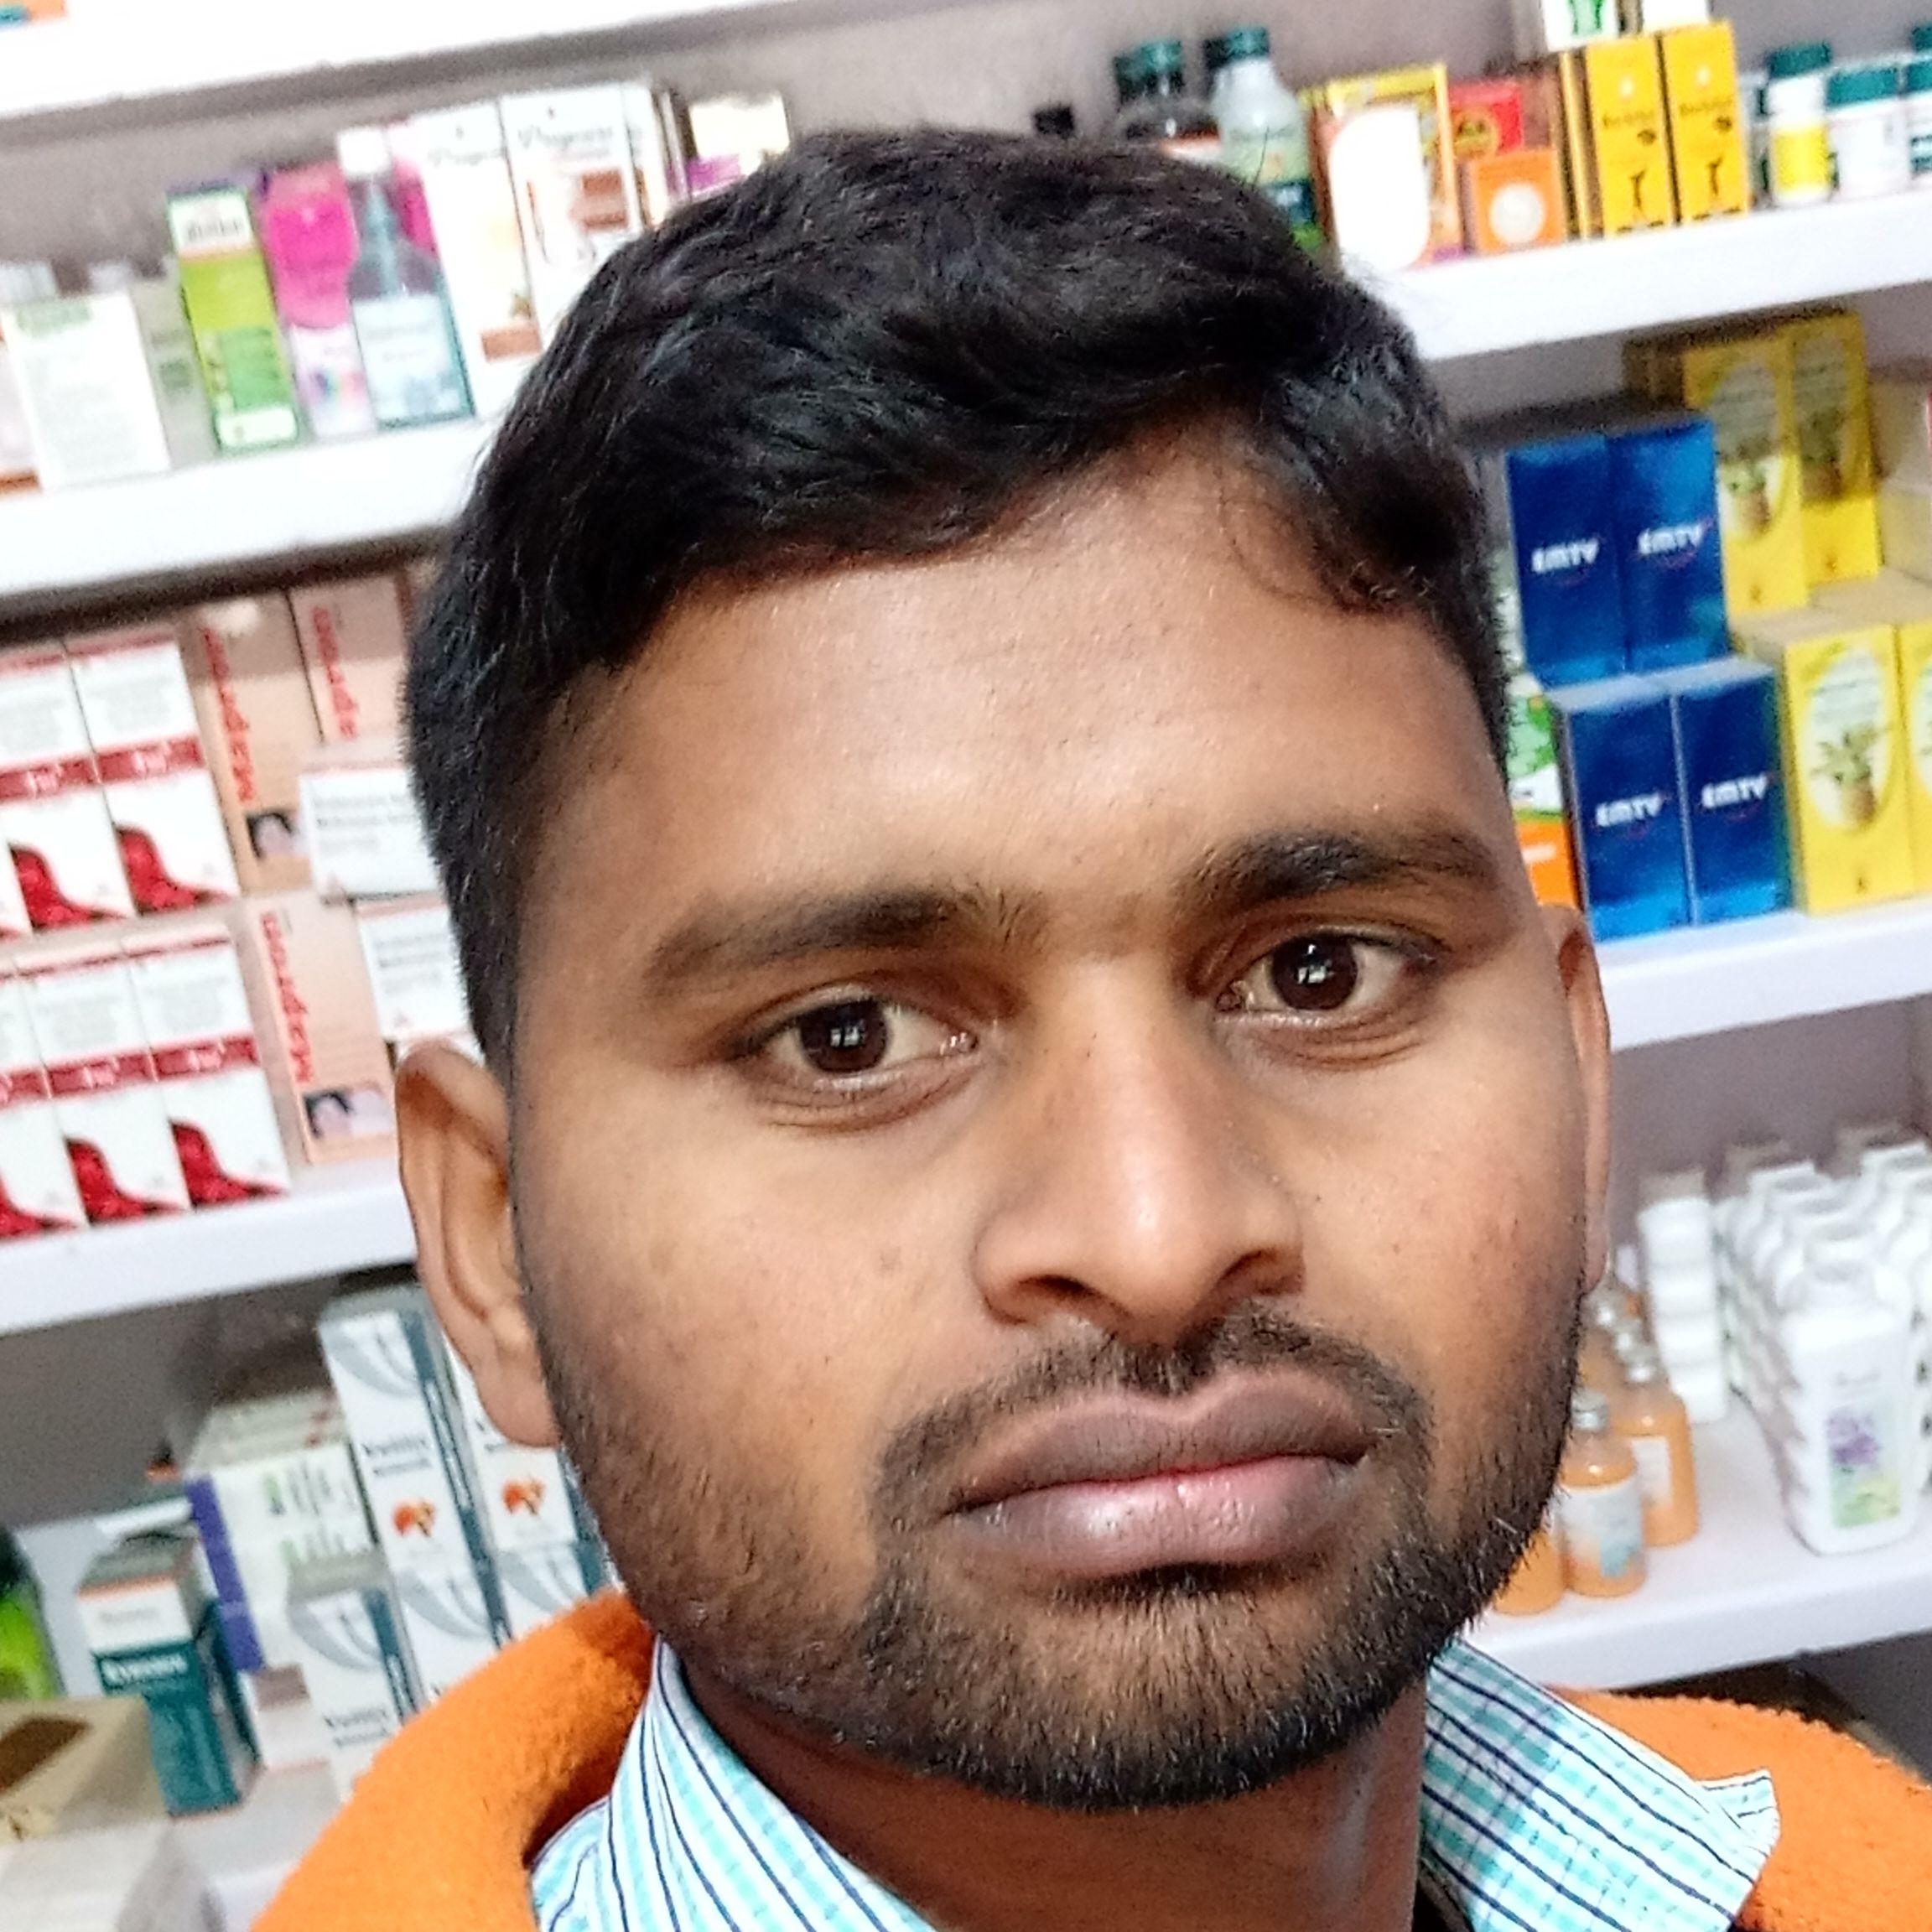 Santosh Kumar PRAJAPATI